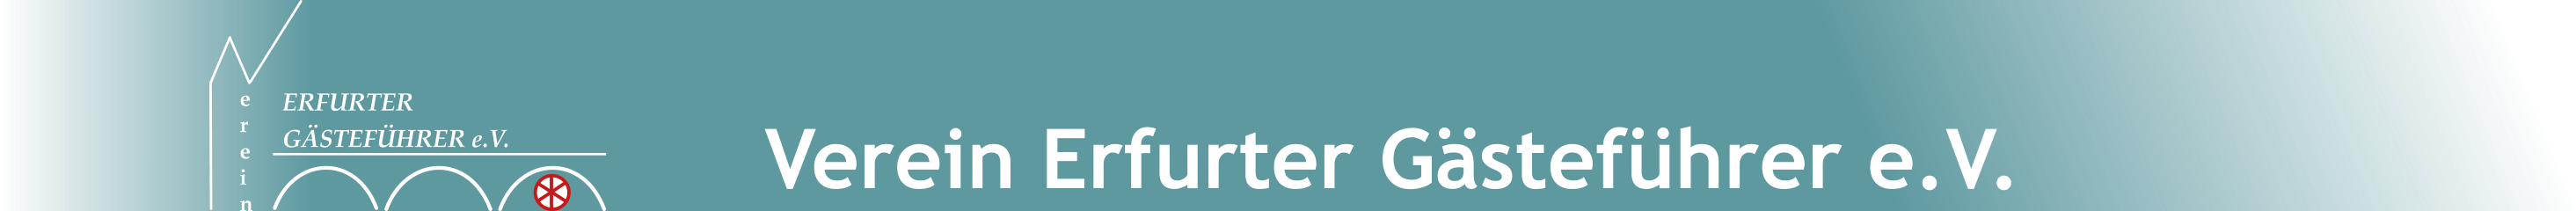 Verein Erfurter Gästeführer e.V.